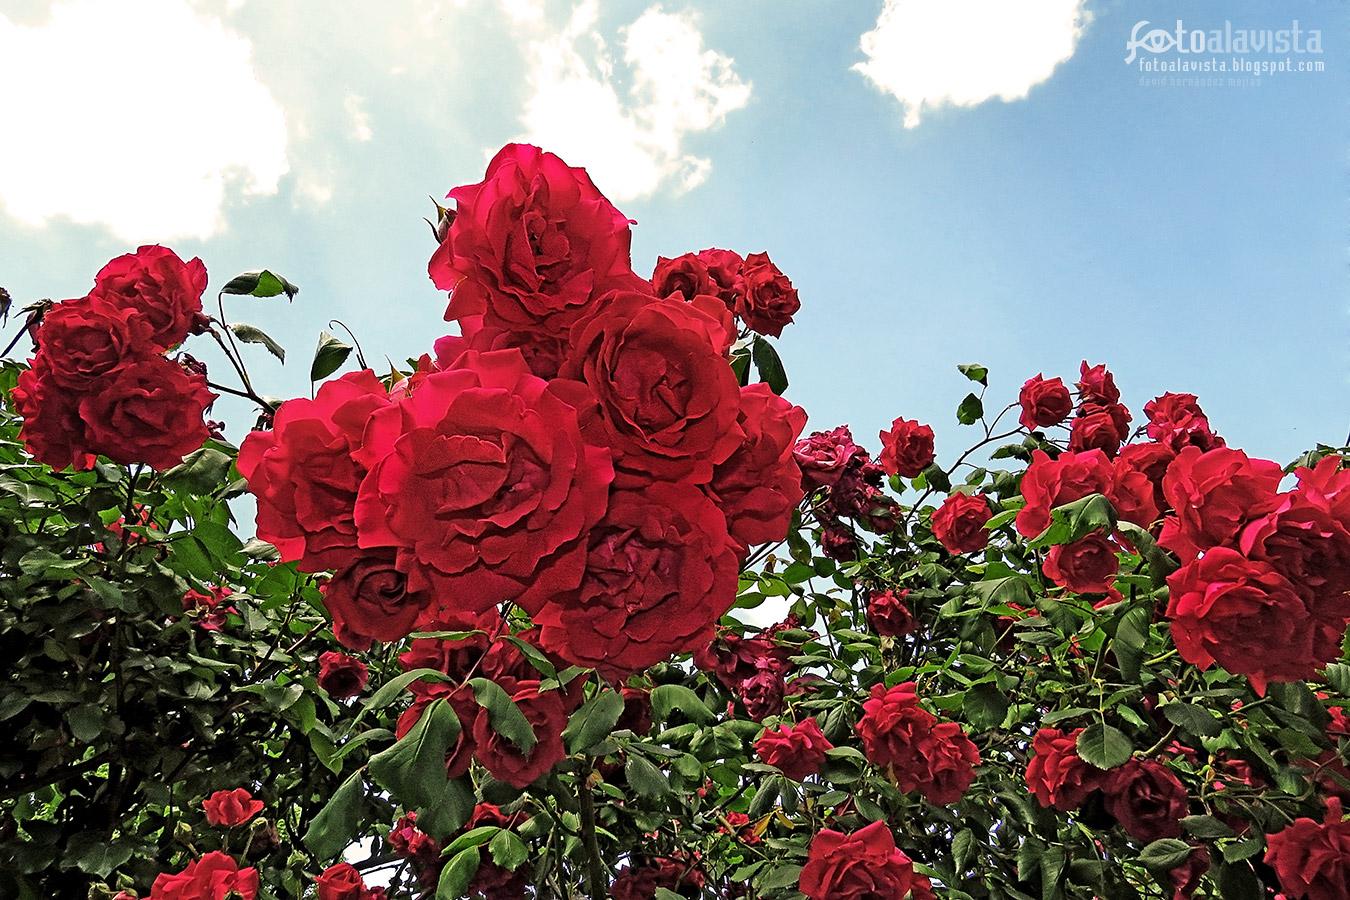 Festival de rosas - Fotografía